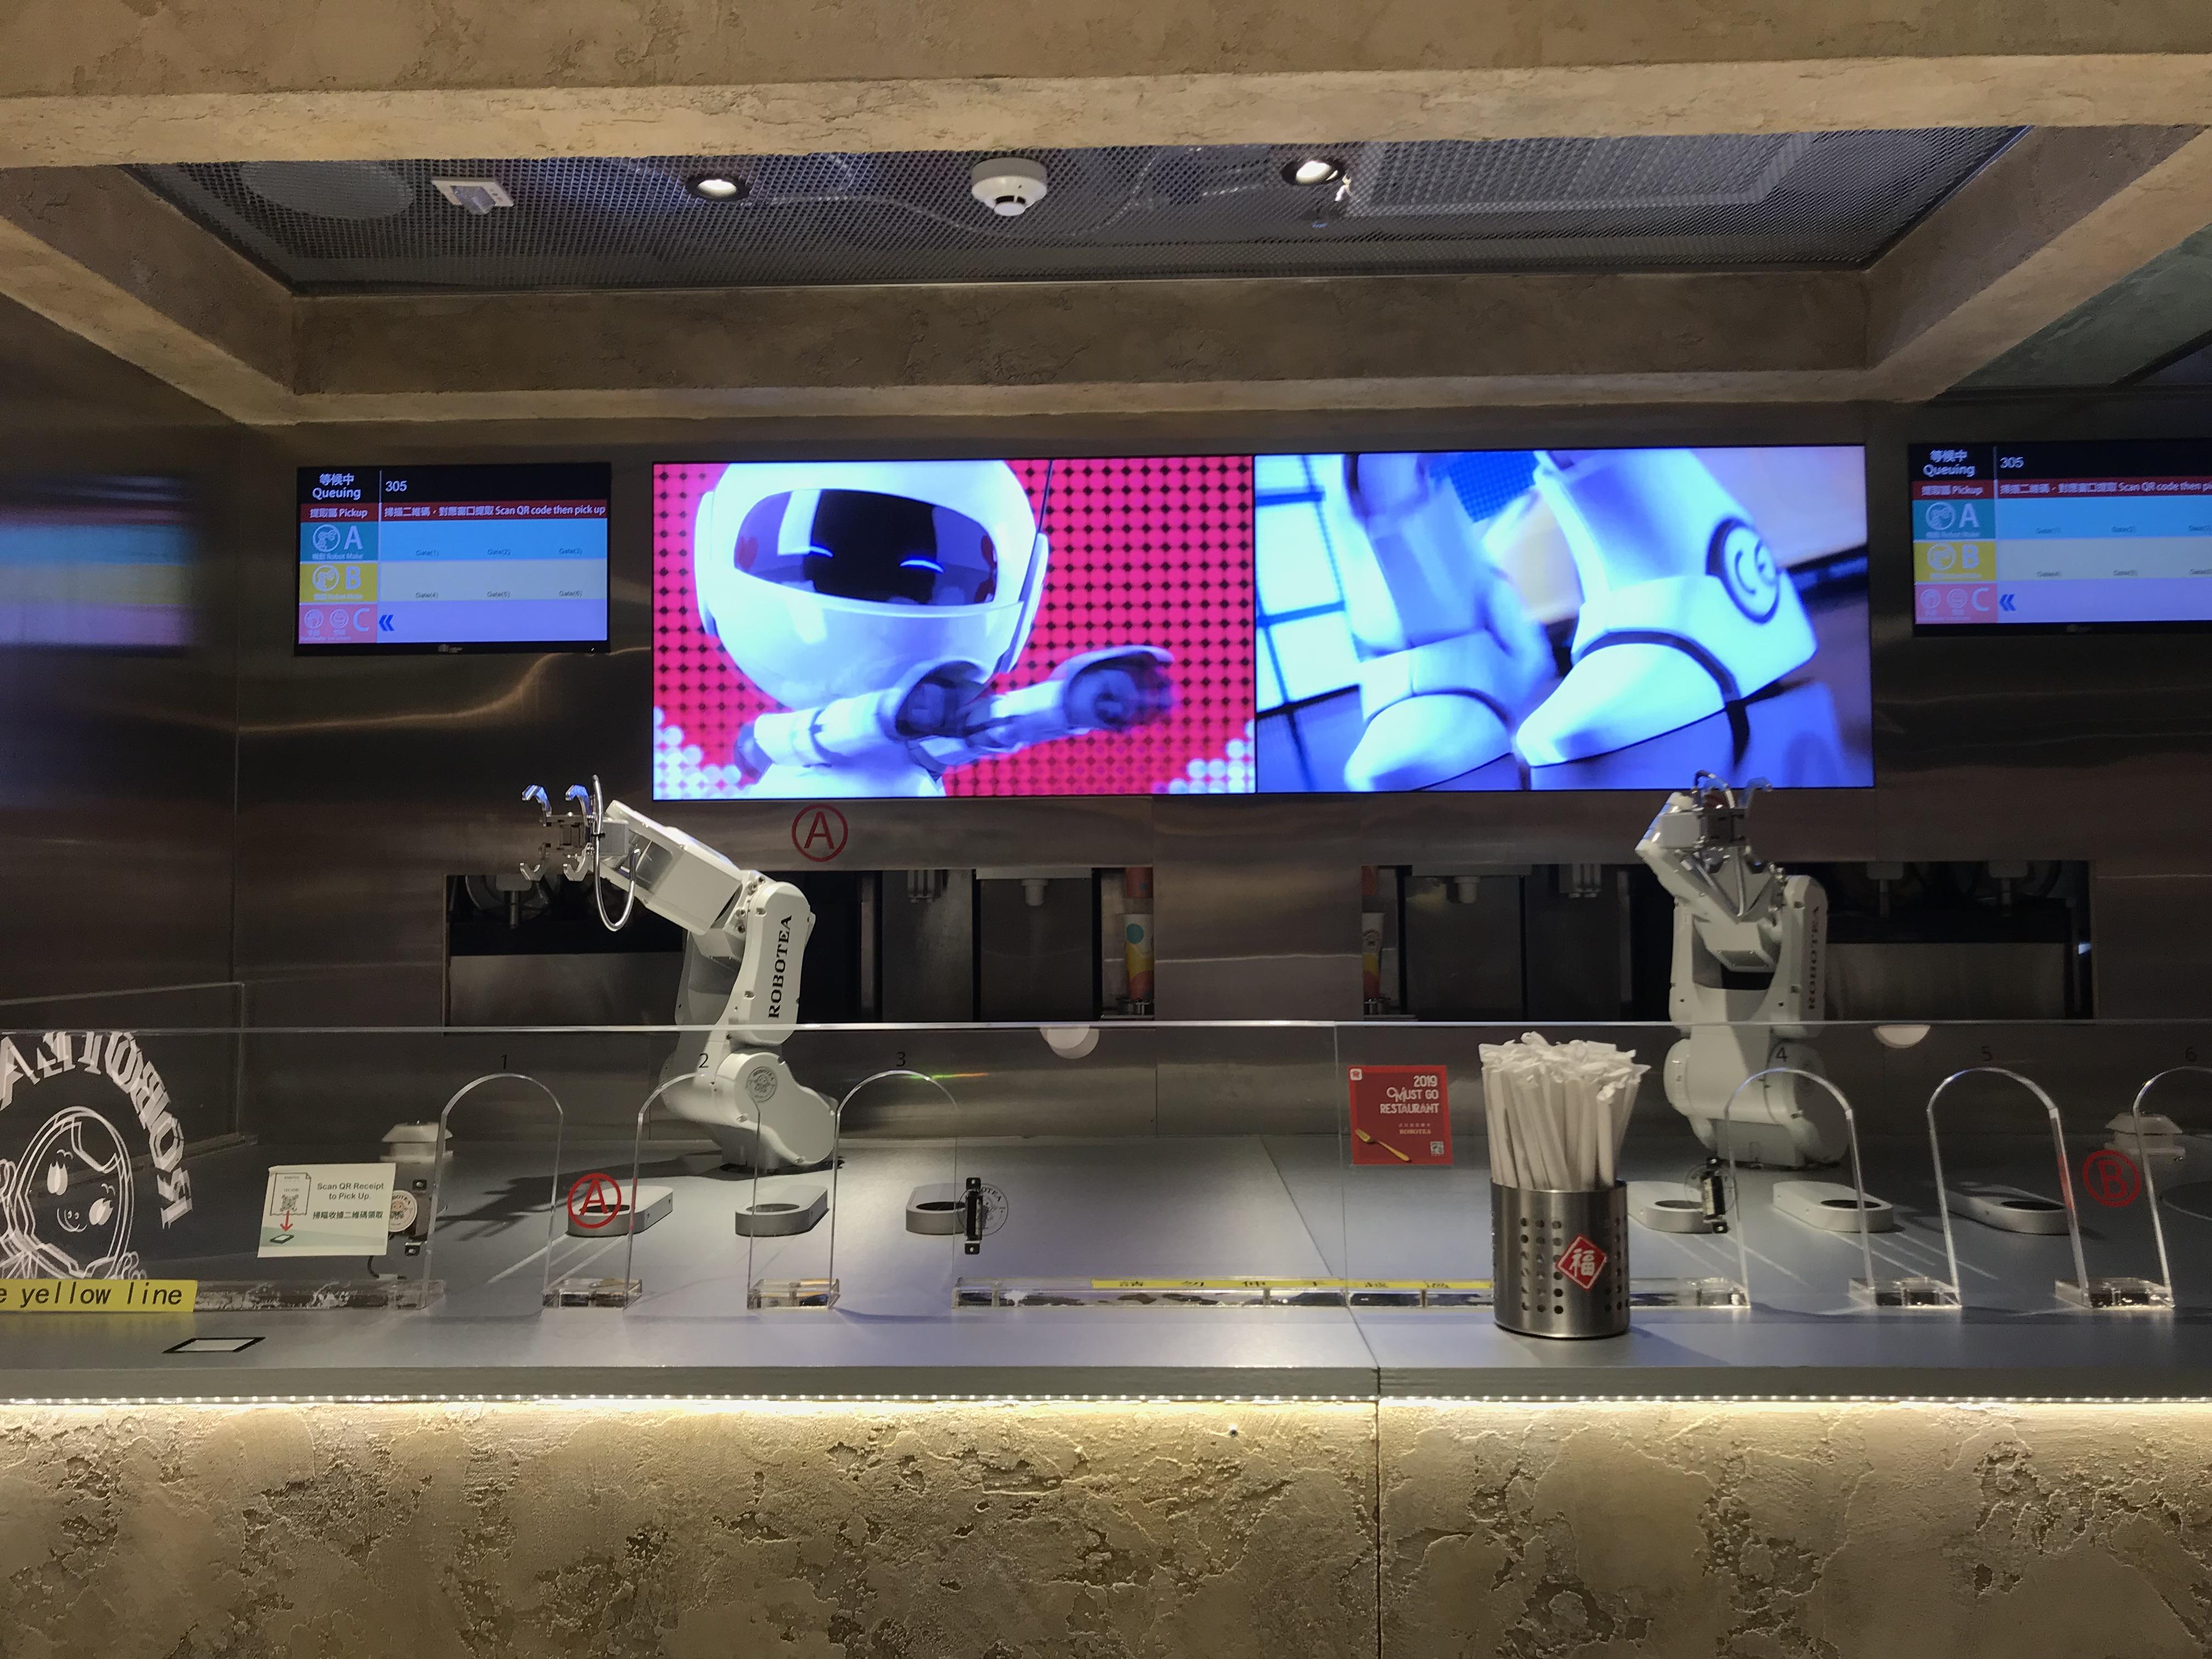 香港K11 Musea 機器人飲料店  ROBOTEA